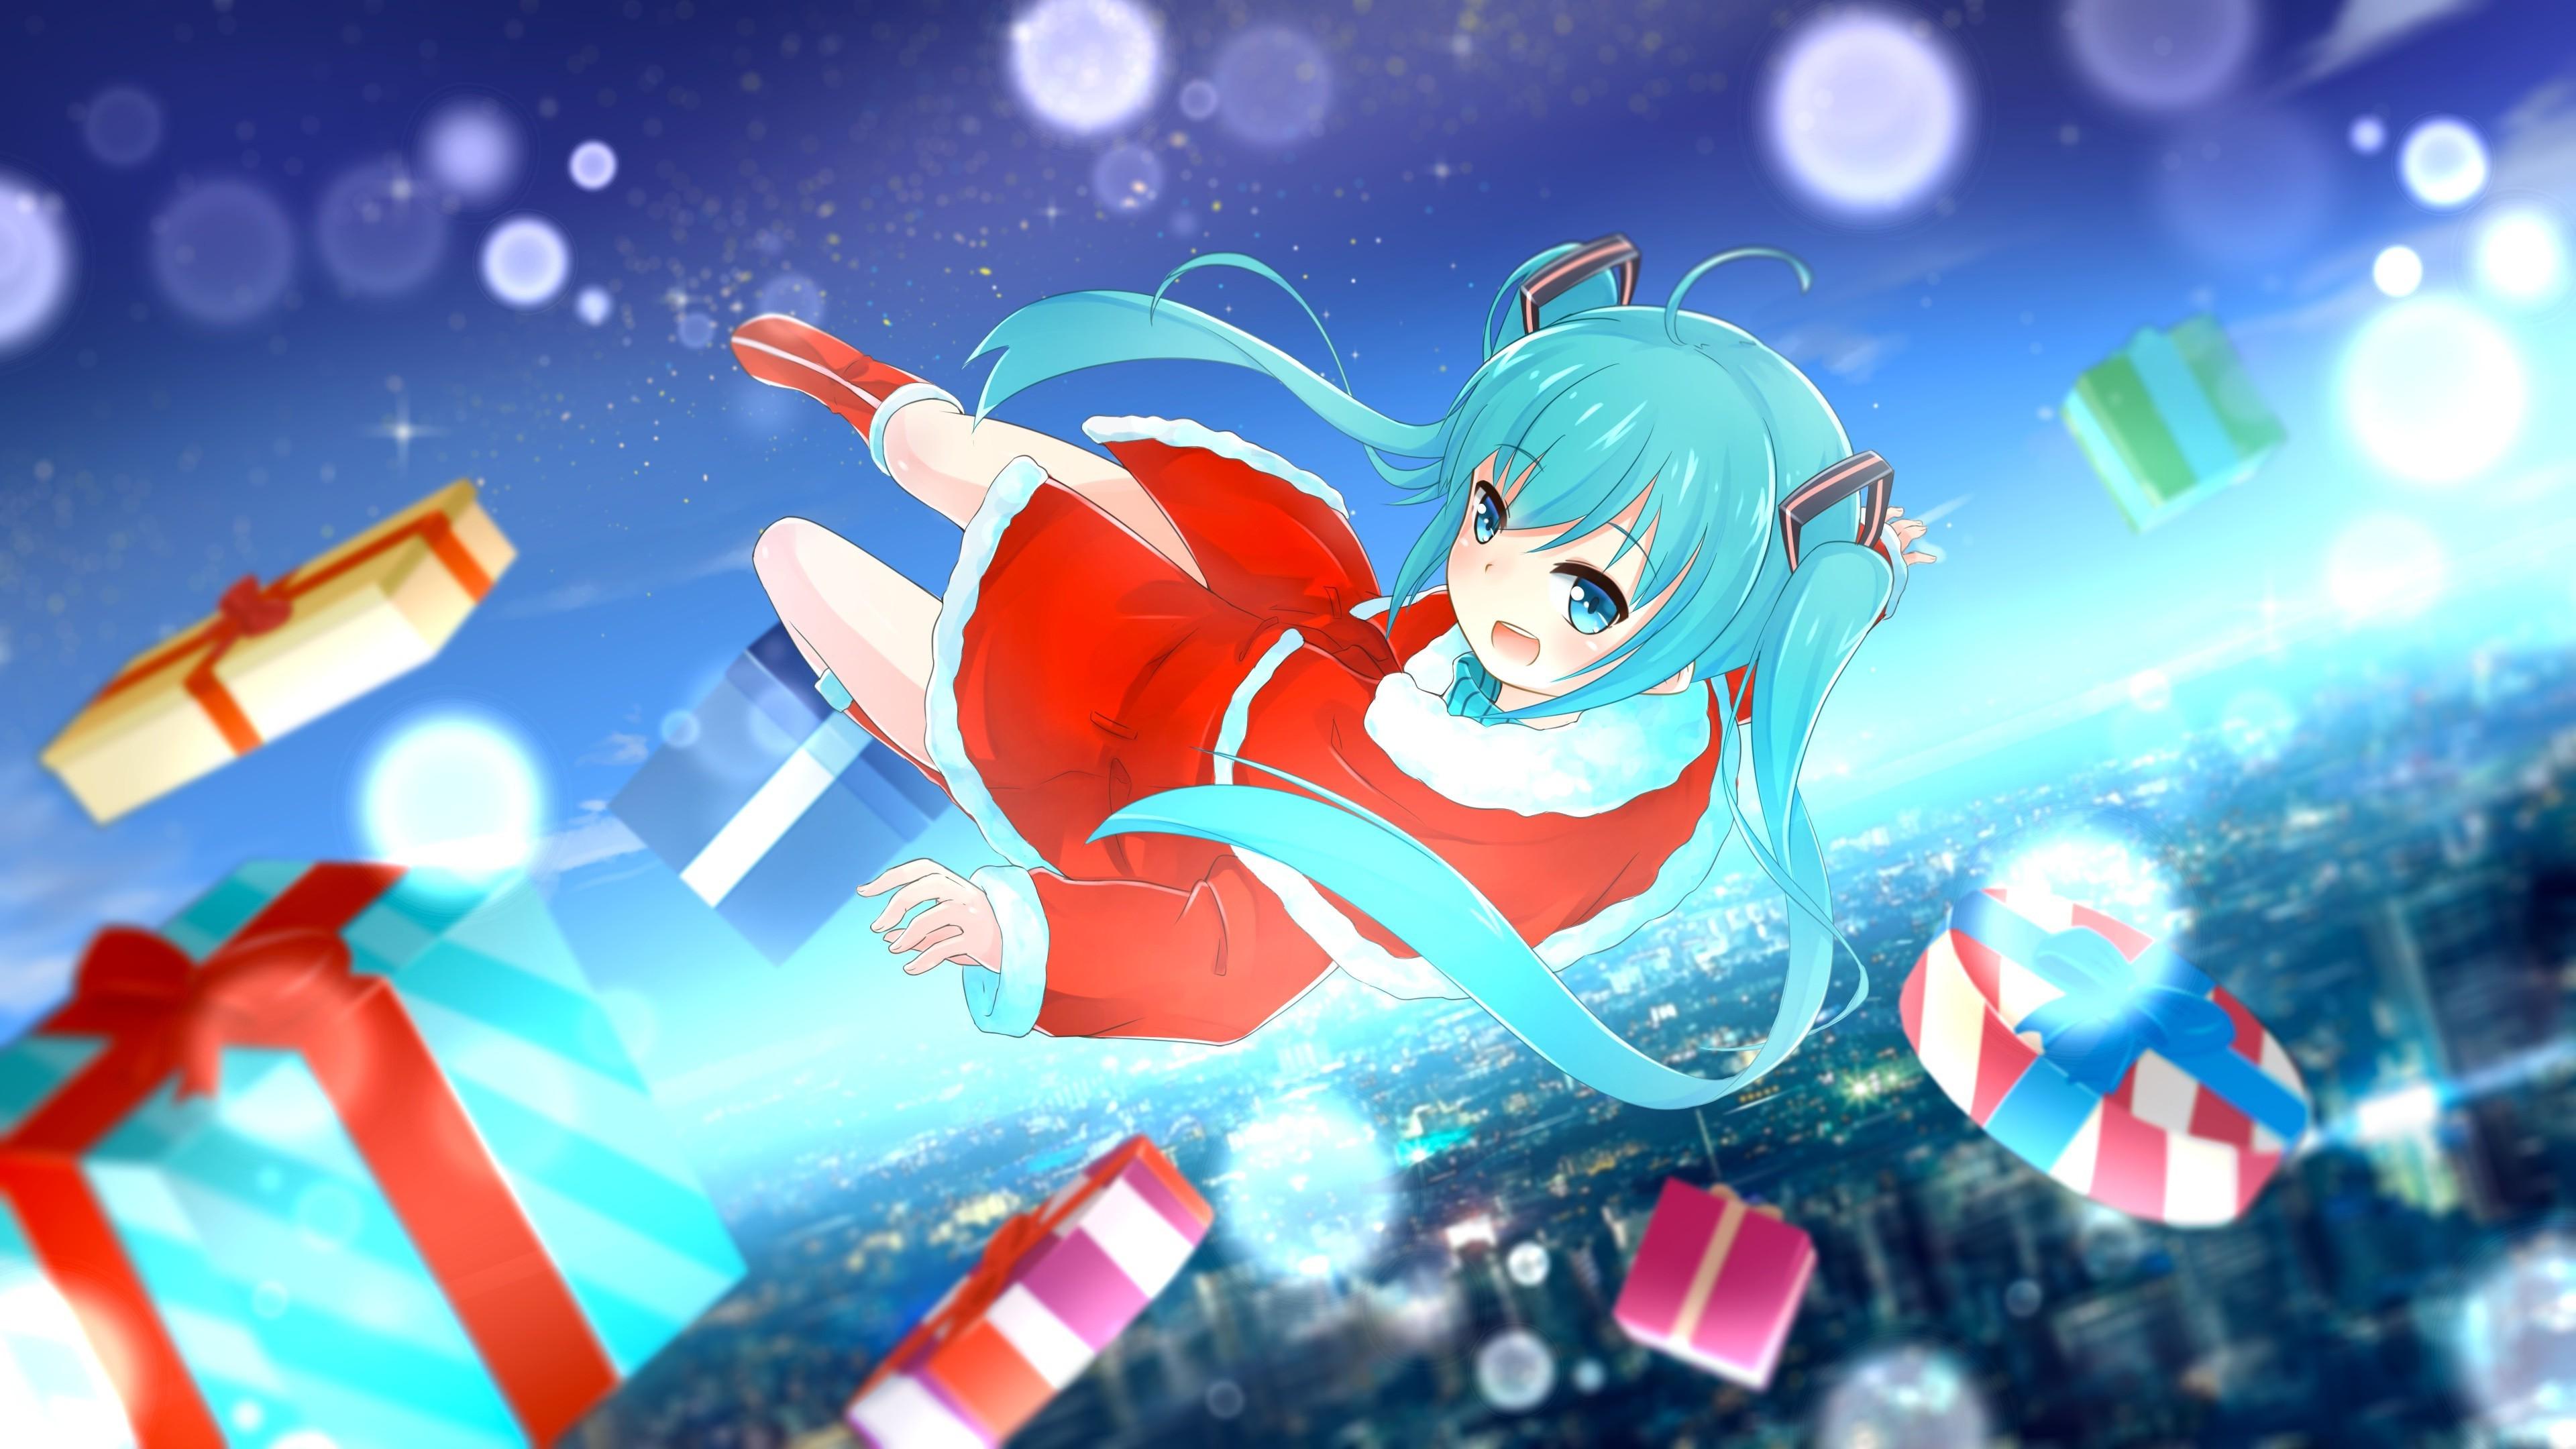 X Christmas Anime Christmas Anime Pinterest Anime Manga Pictures And Manga